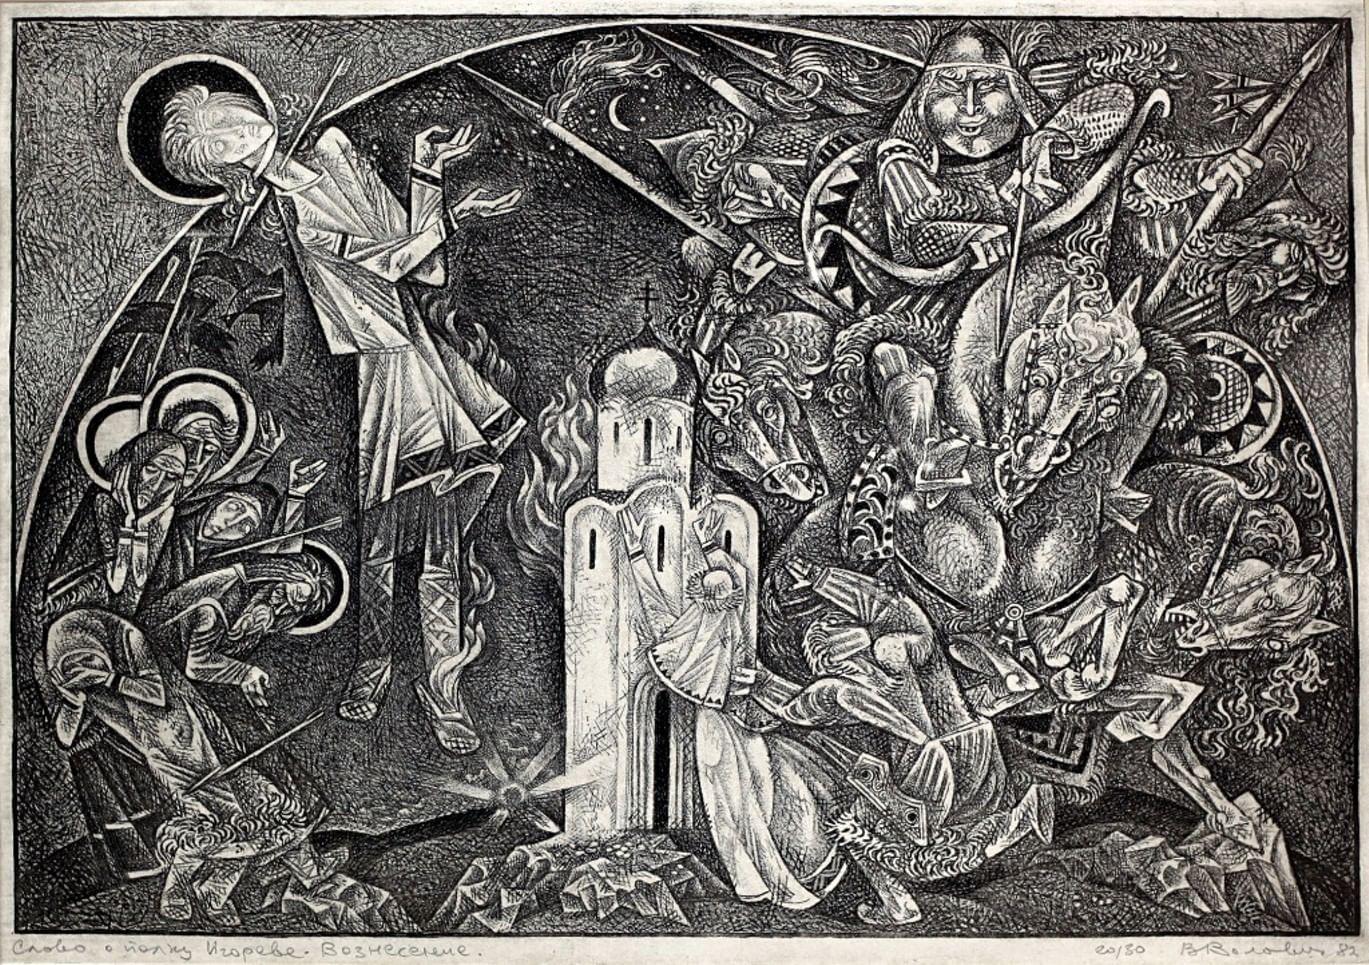 Виталий Волович. Иллюстрации к книге  «Слово о полку Игореве». 1985